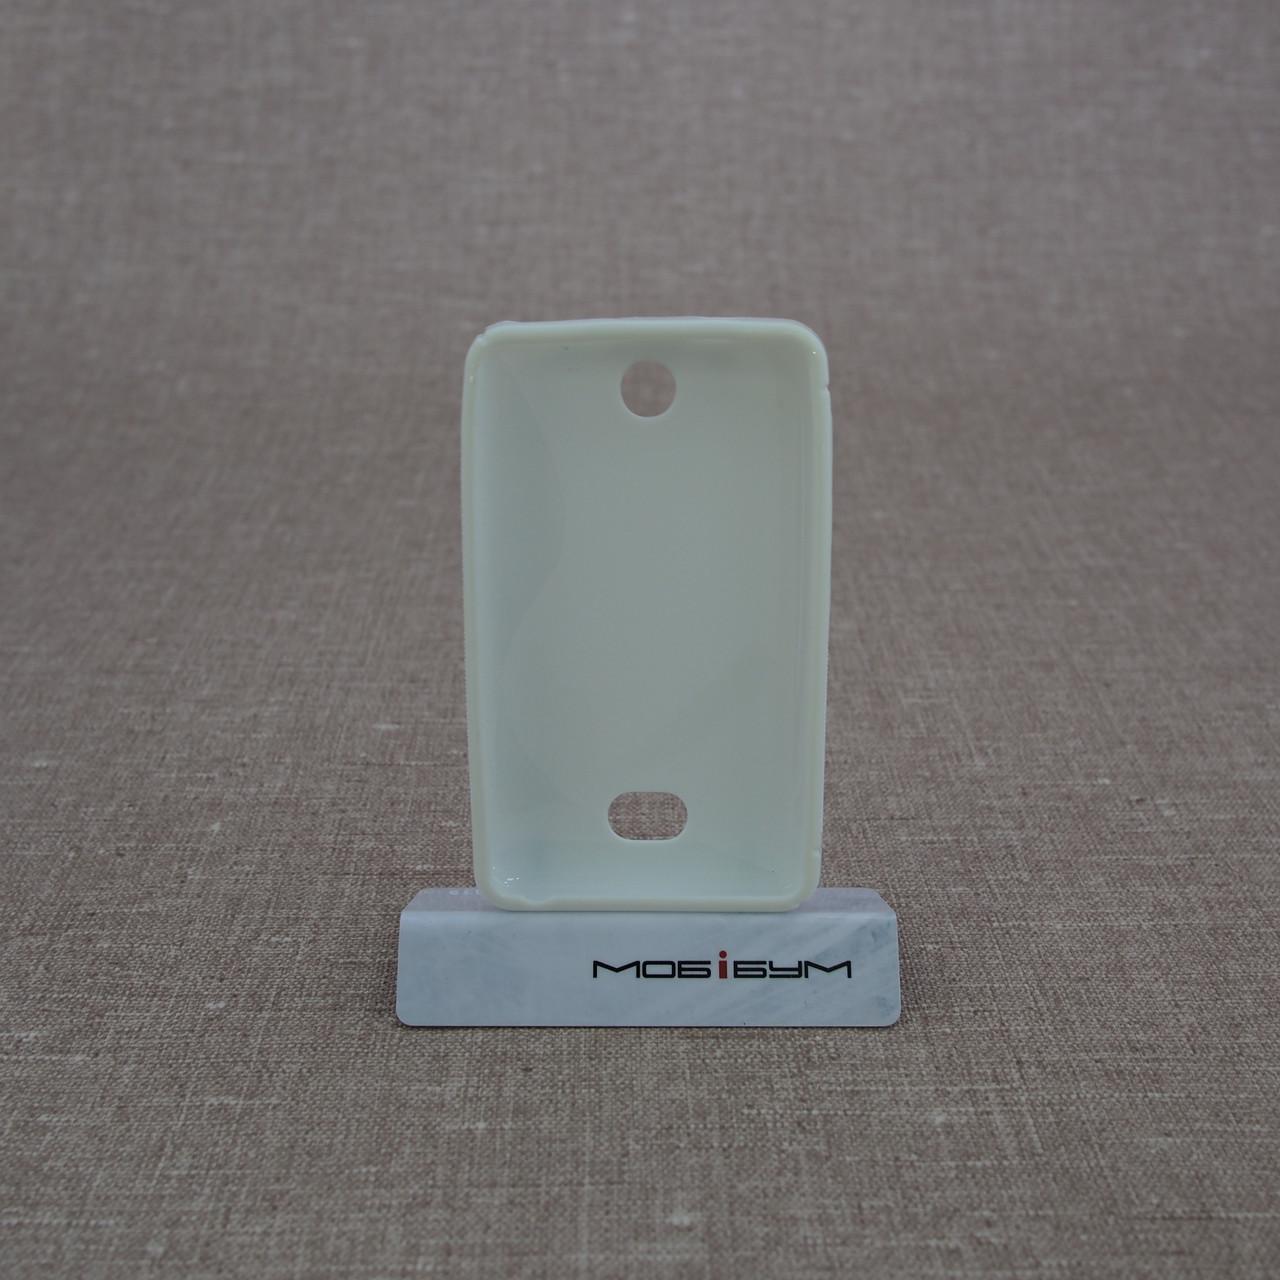 TPU Duotone Nokia 501 white